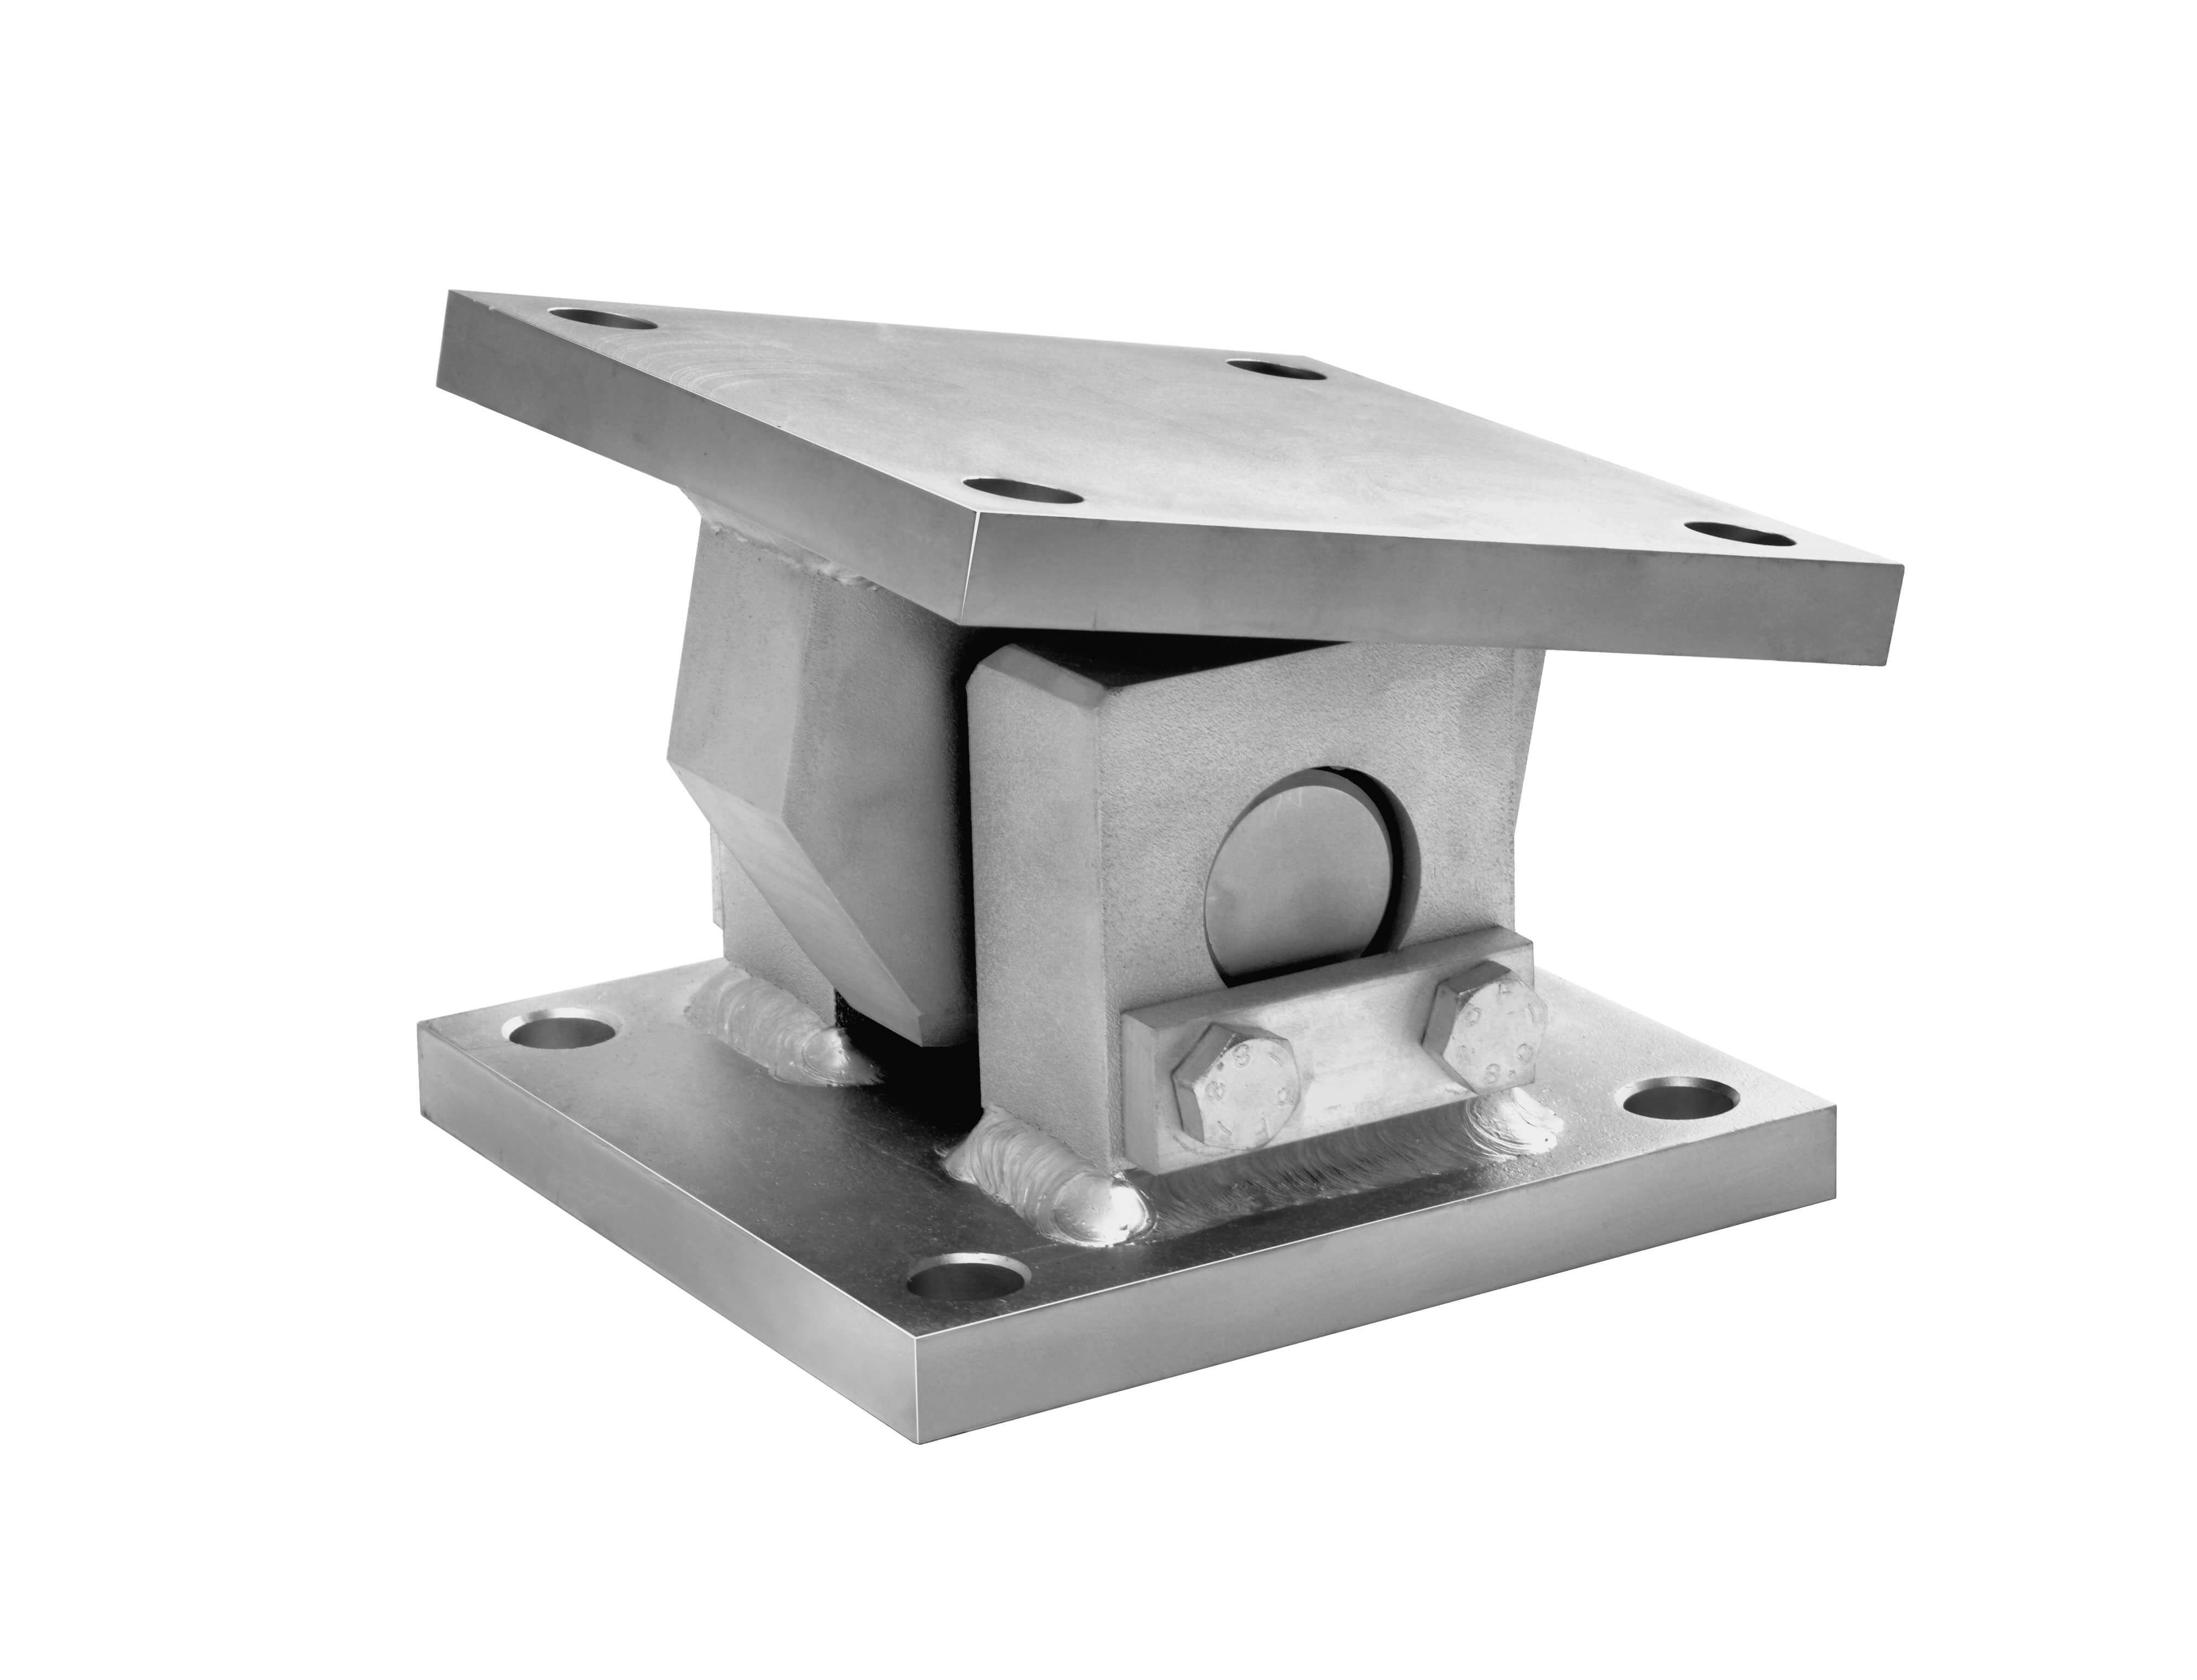 56-02 dummy support (hoogte vergelijkbaar met 55-20, 55-01-10 en 55-01-07C/D rocker system weegmodules) Image